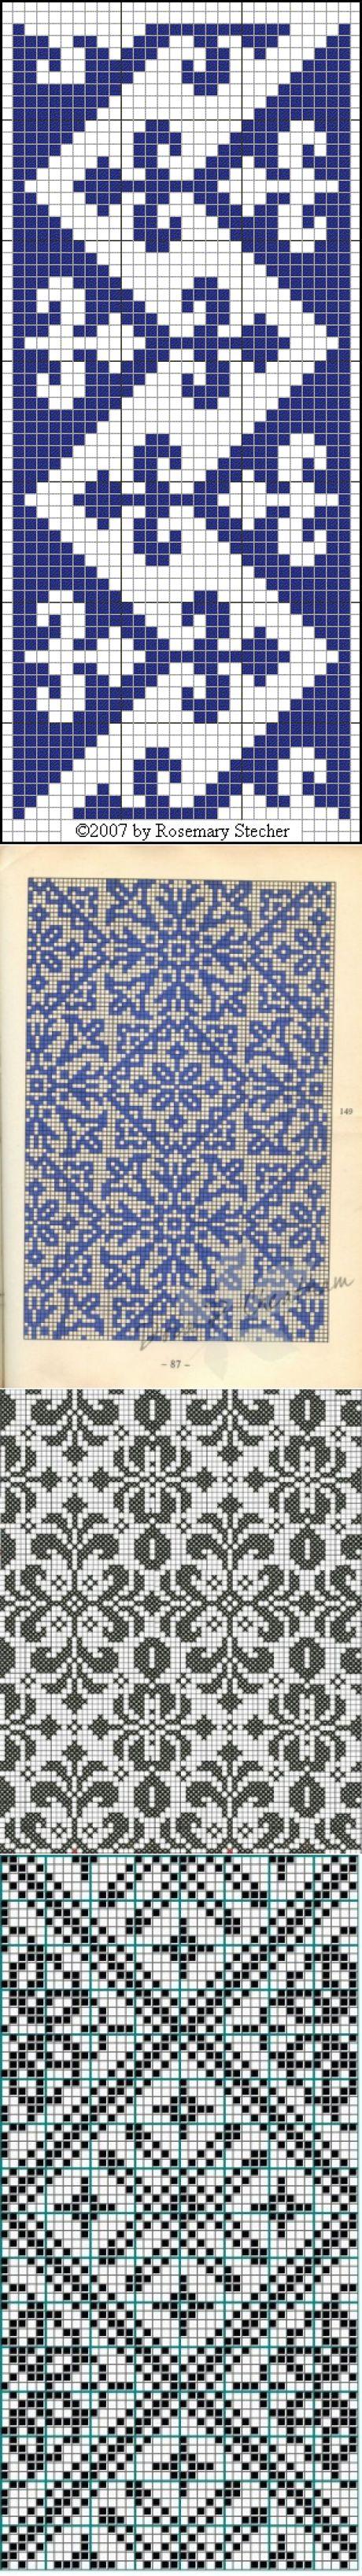 геометрические - геометрически подобные филейные схемы (40 схем)